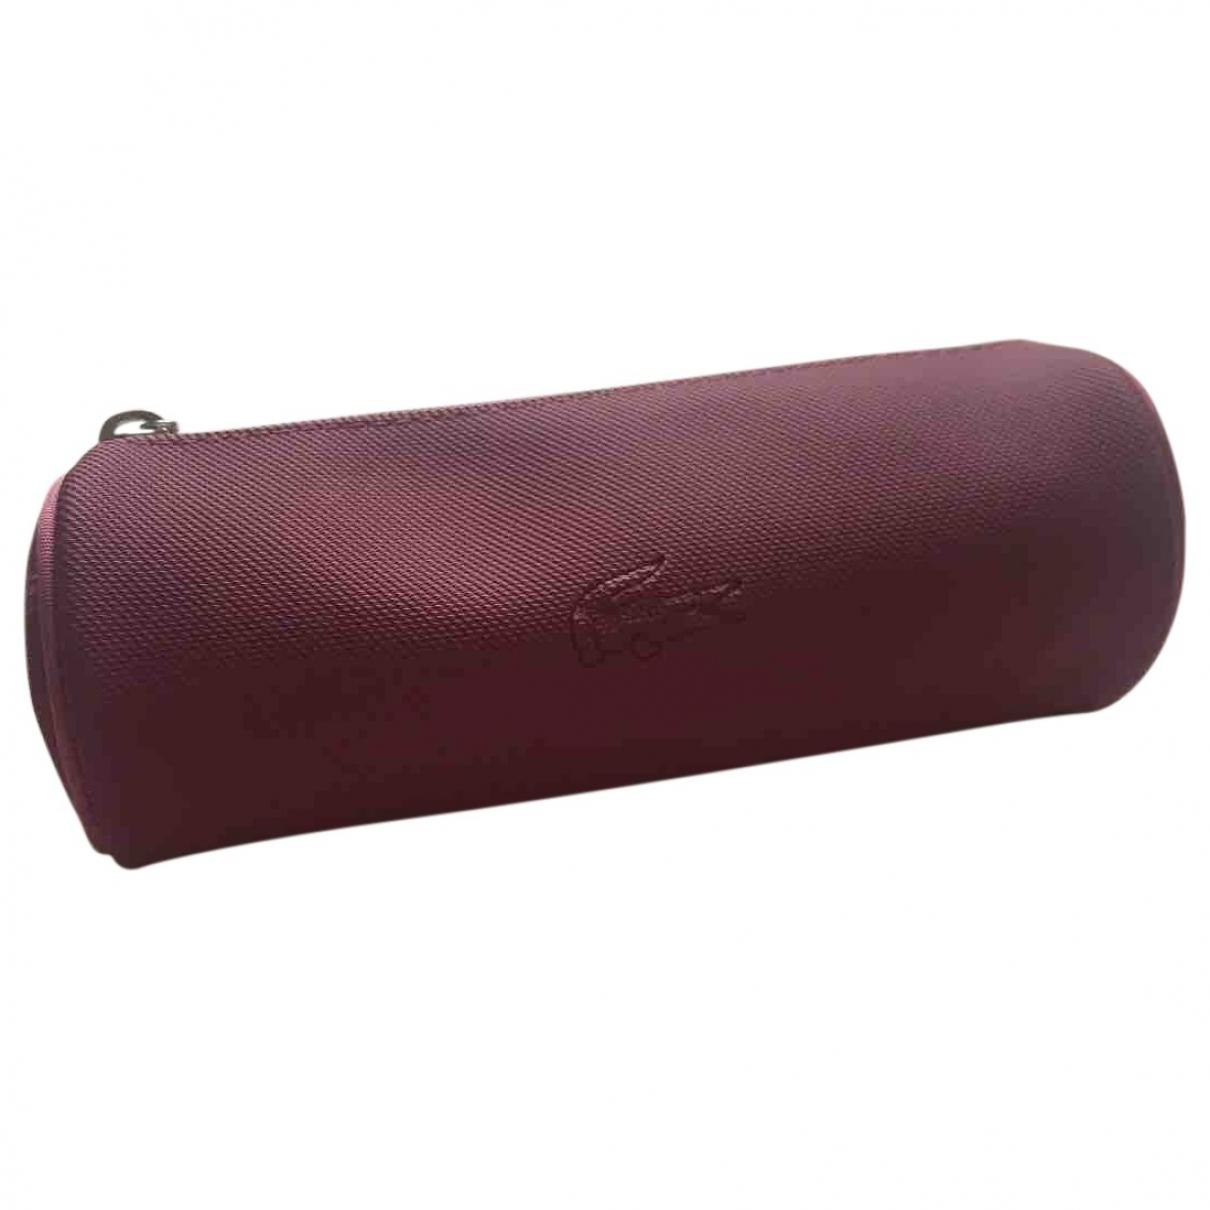 Lacoste - Petite maroquinerie   pour femme en toile - violet